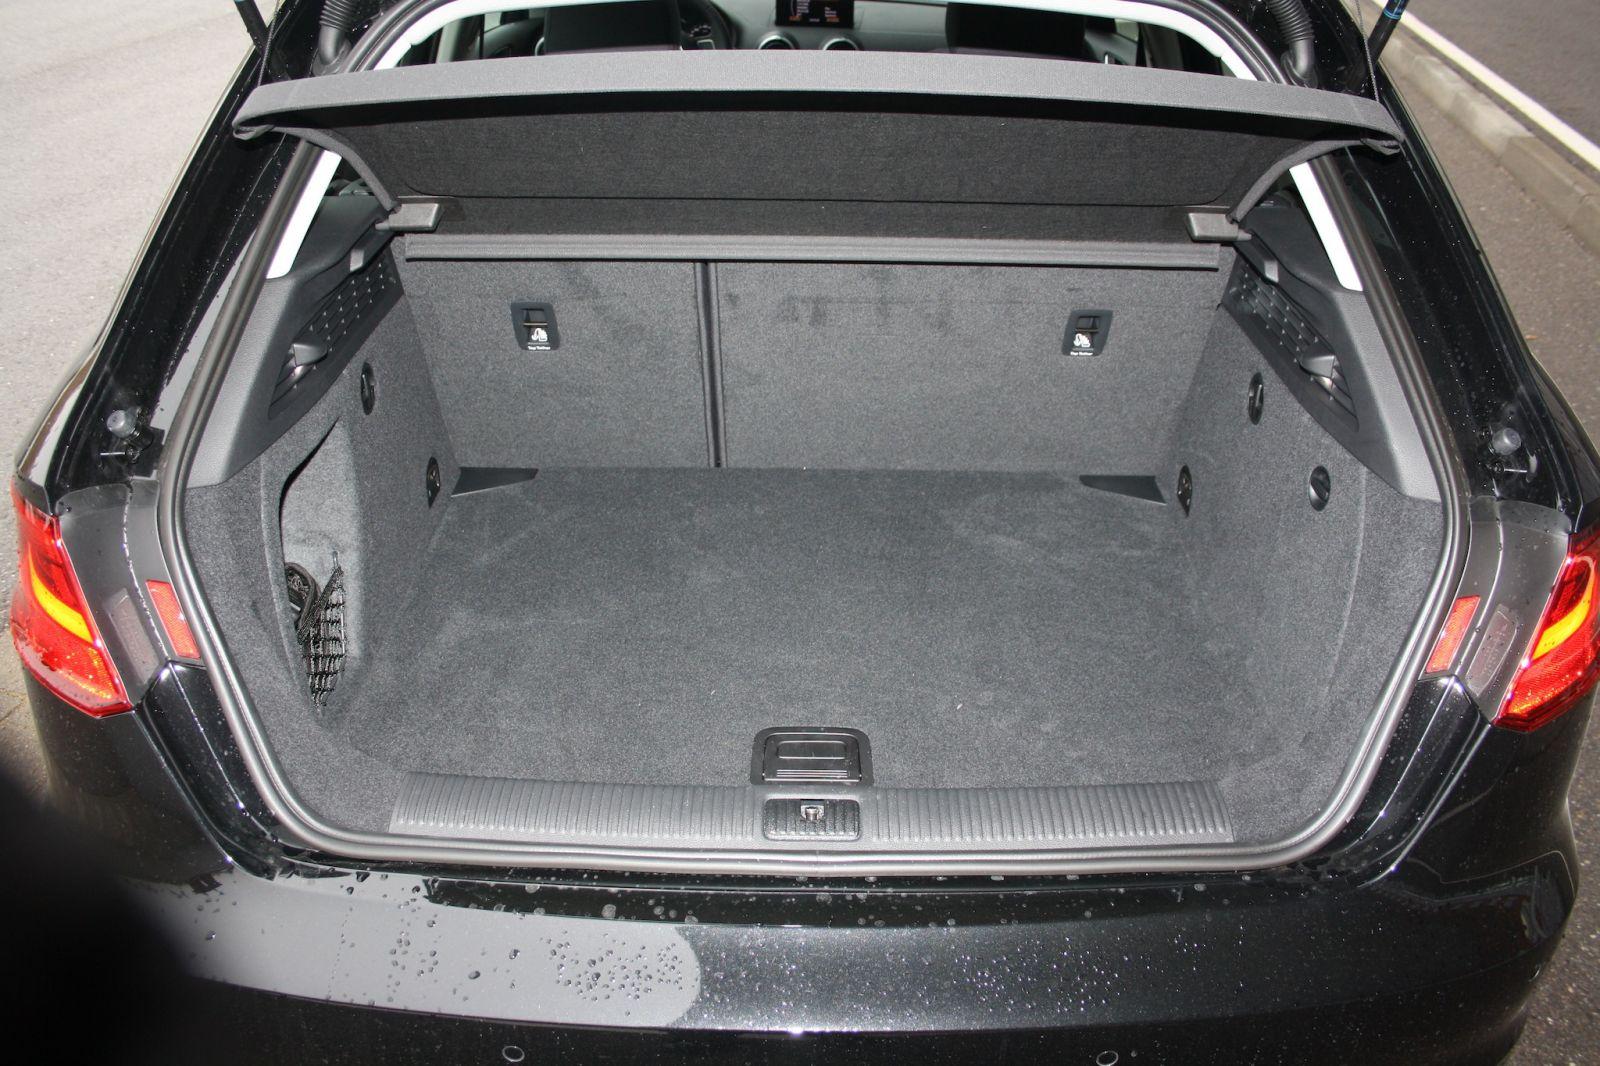 audi4ever a4e blog detail denis g v audi a3 8v 1 8 tfsi sportback probe gefahren. Black Bedroom Furniture Sets. Home Design Ideas